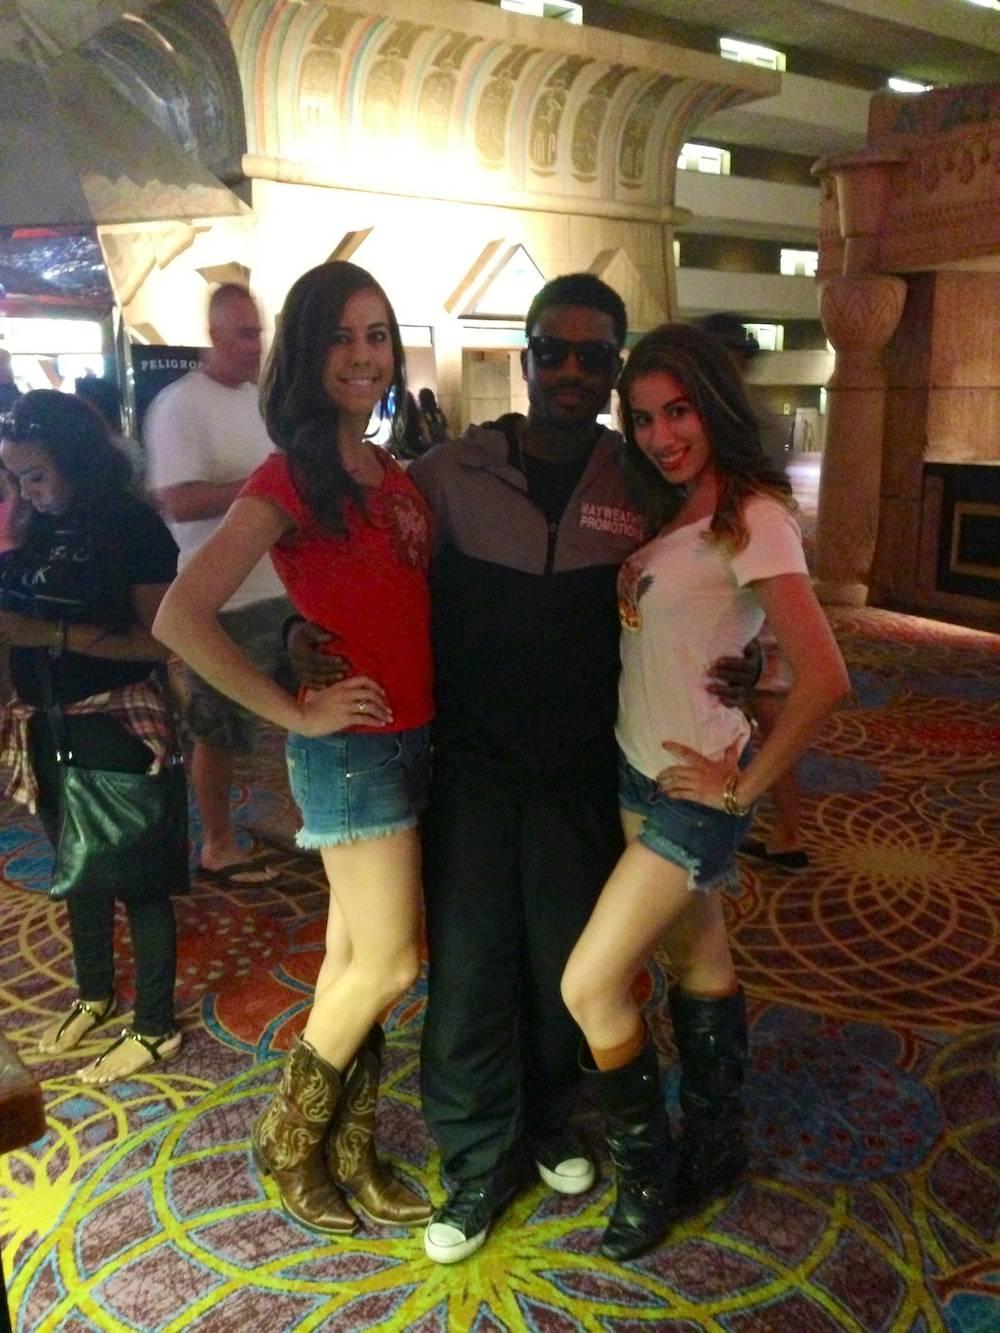 Ray J at T&T